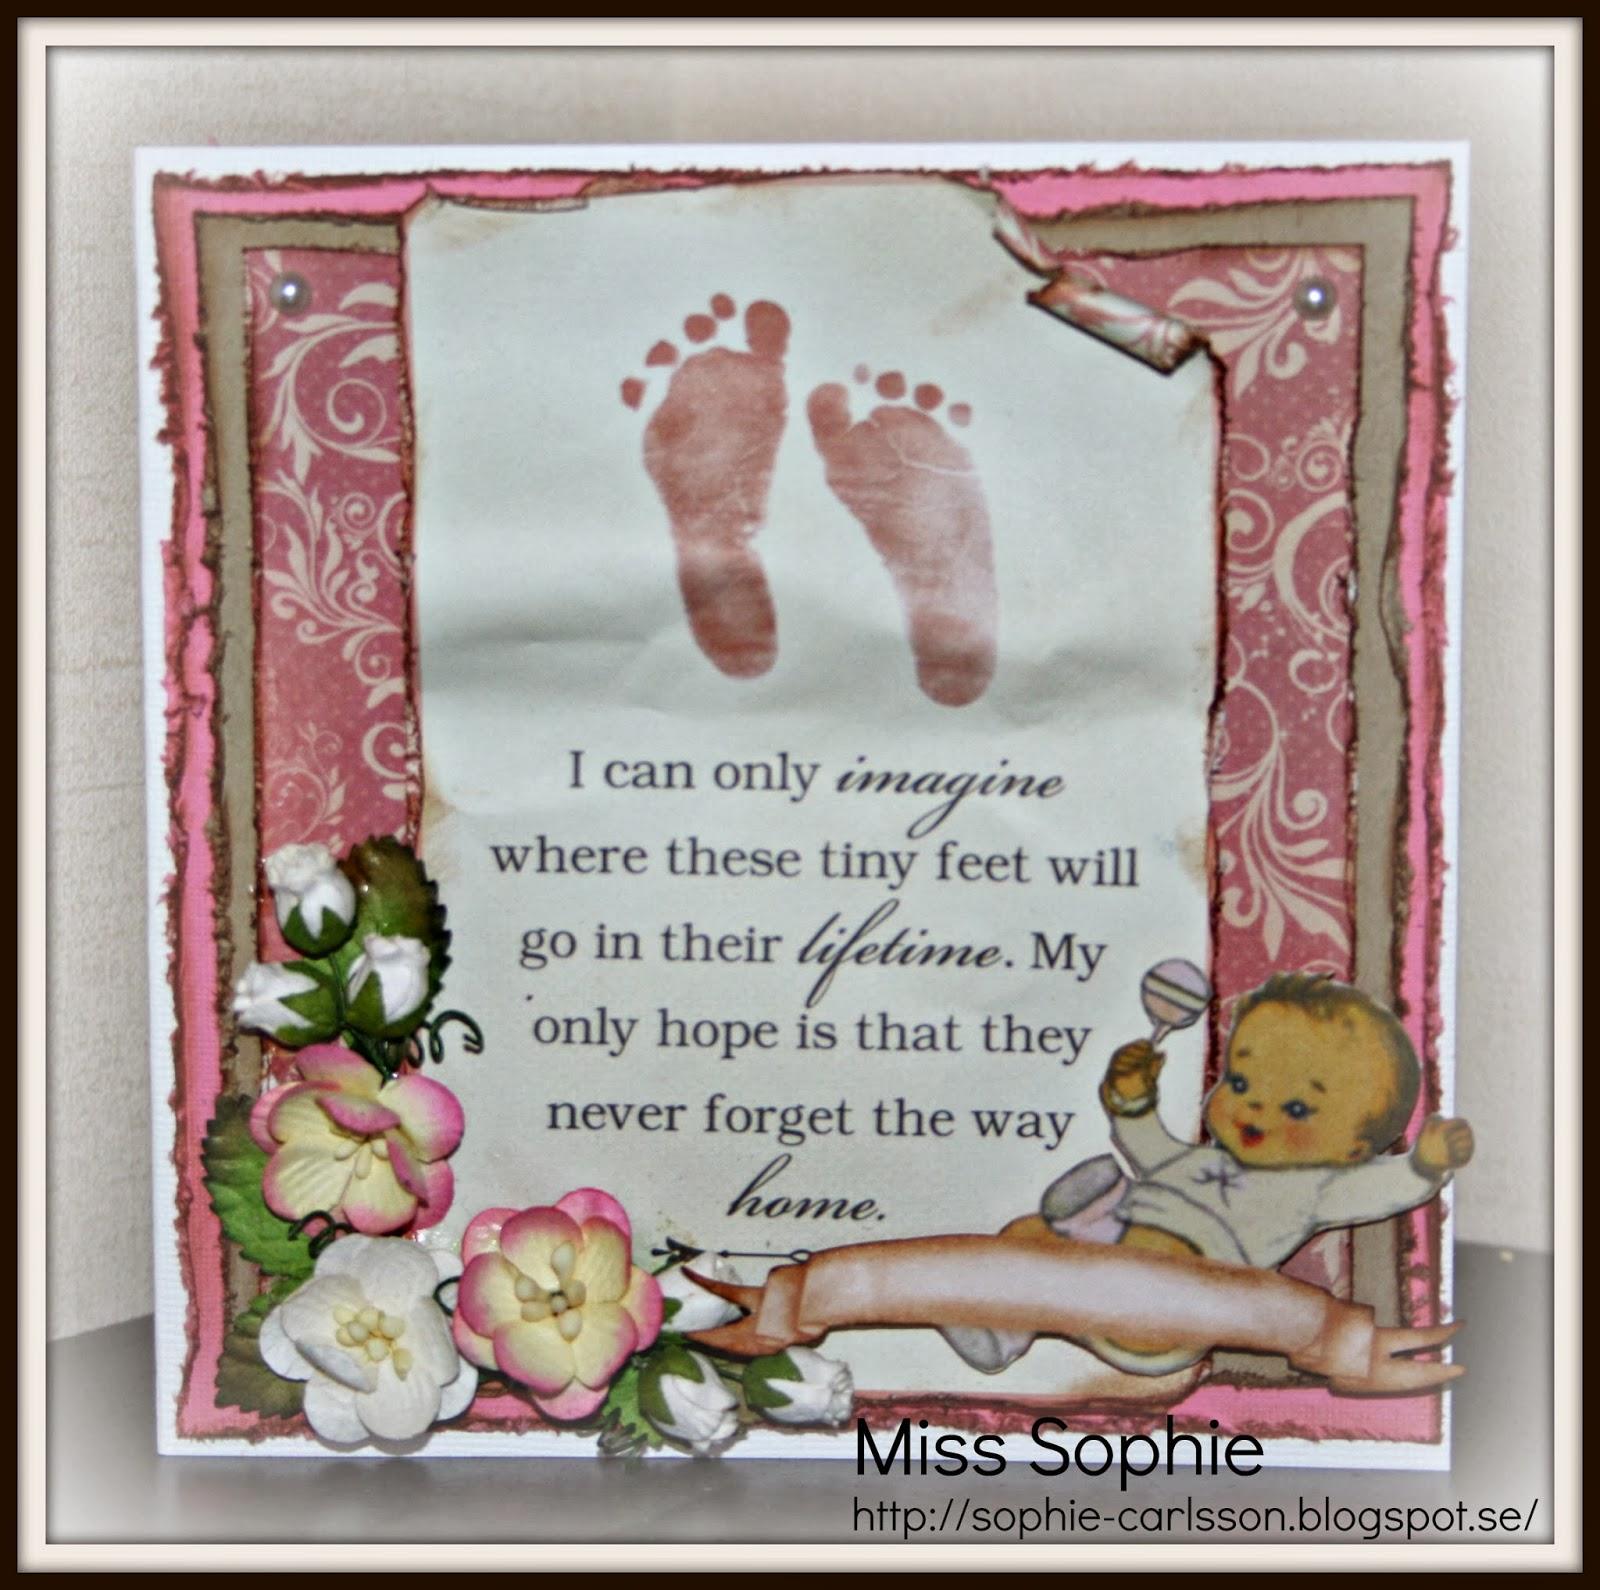 grattis till babyn text Miss Sophie scrappar: januari 2014 grattis till babyn text